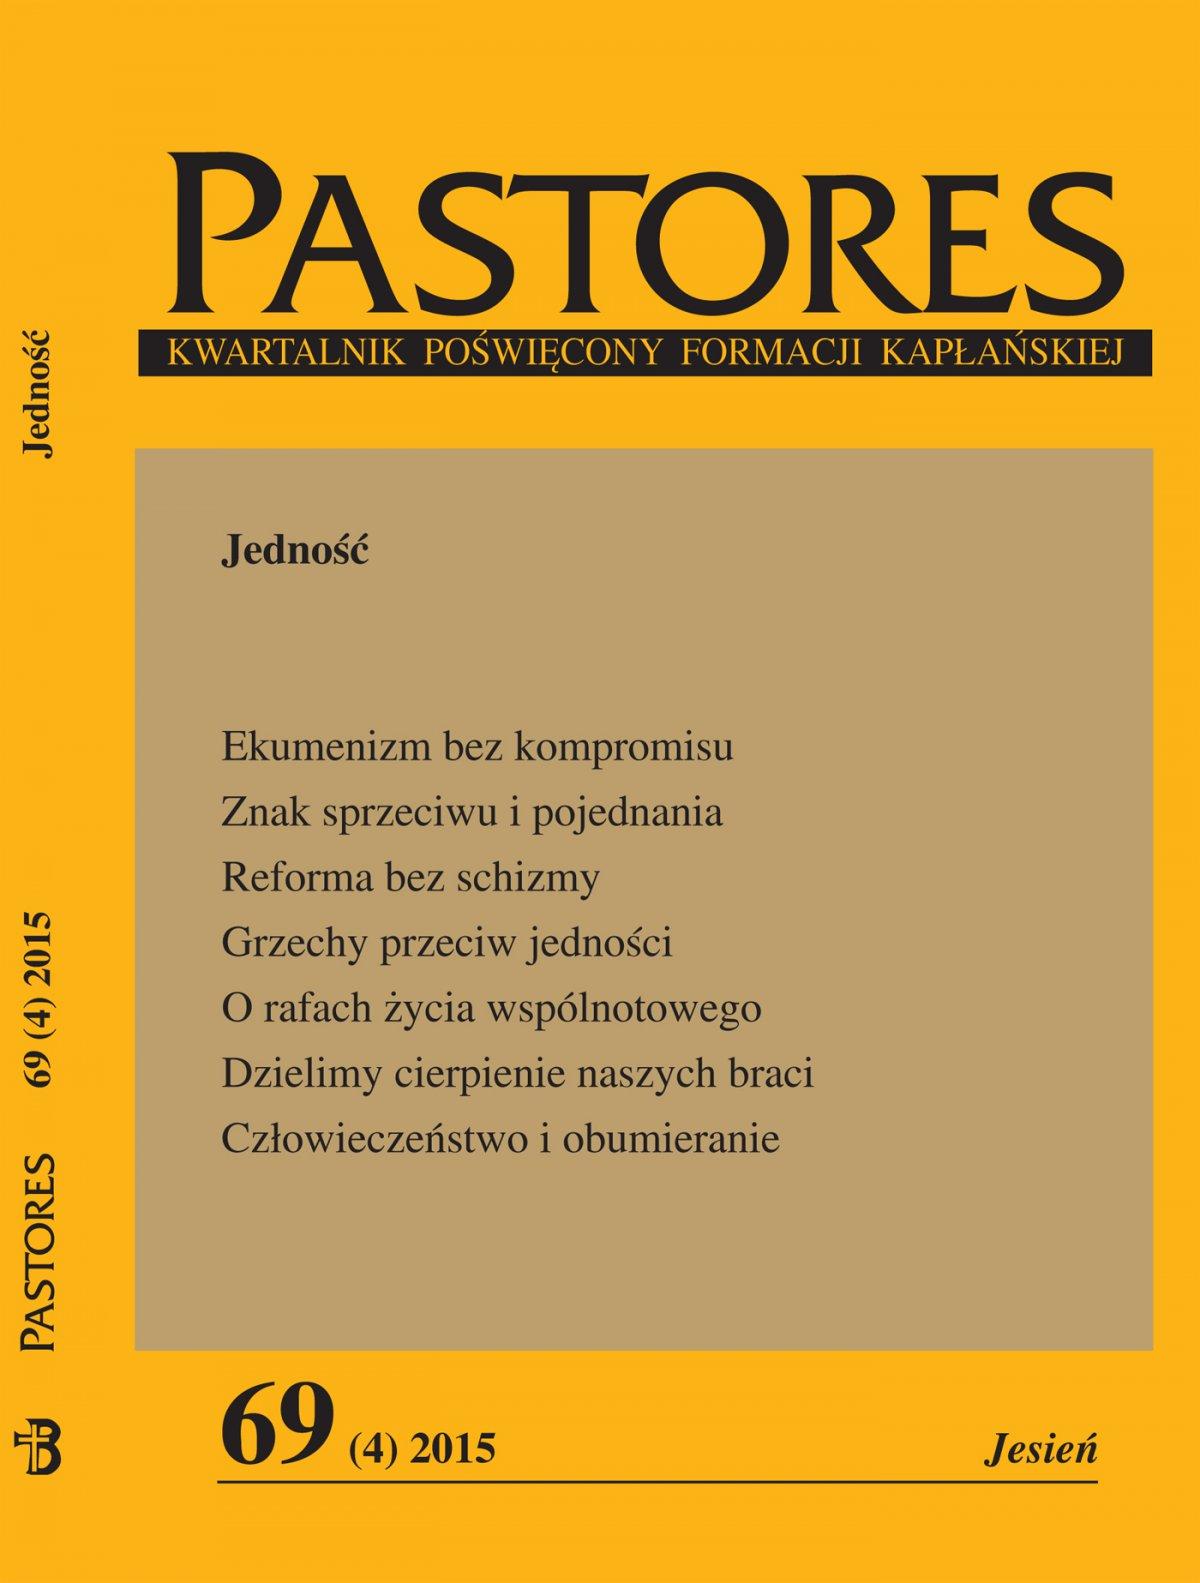 Pastores 69 (4) 2015 - Ebook (Książka EPUB) do pobrania w formacie EPUB